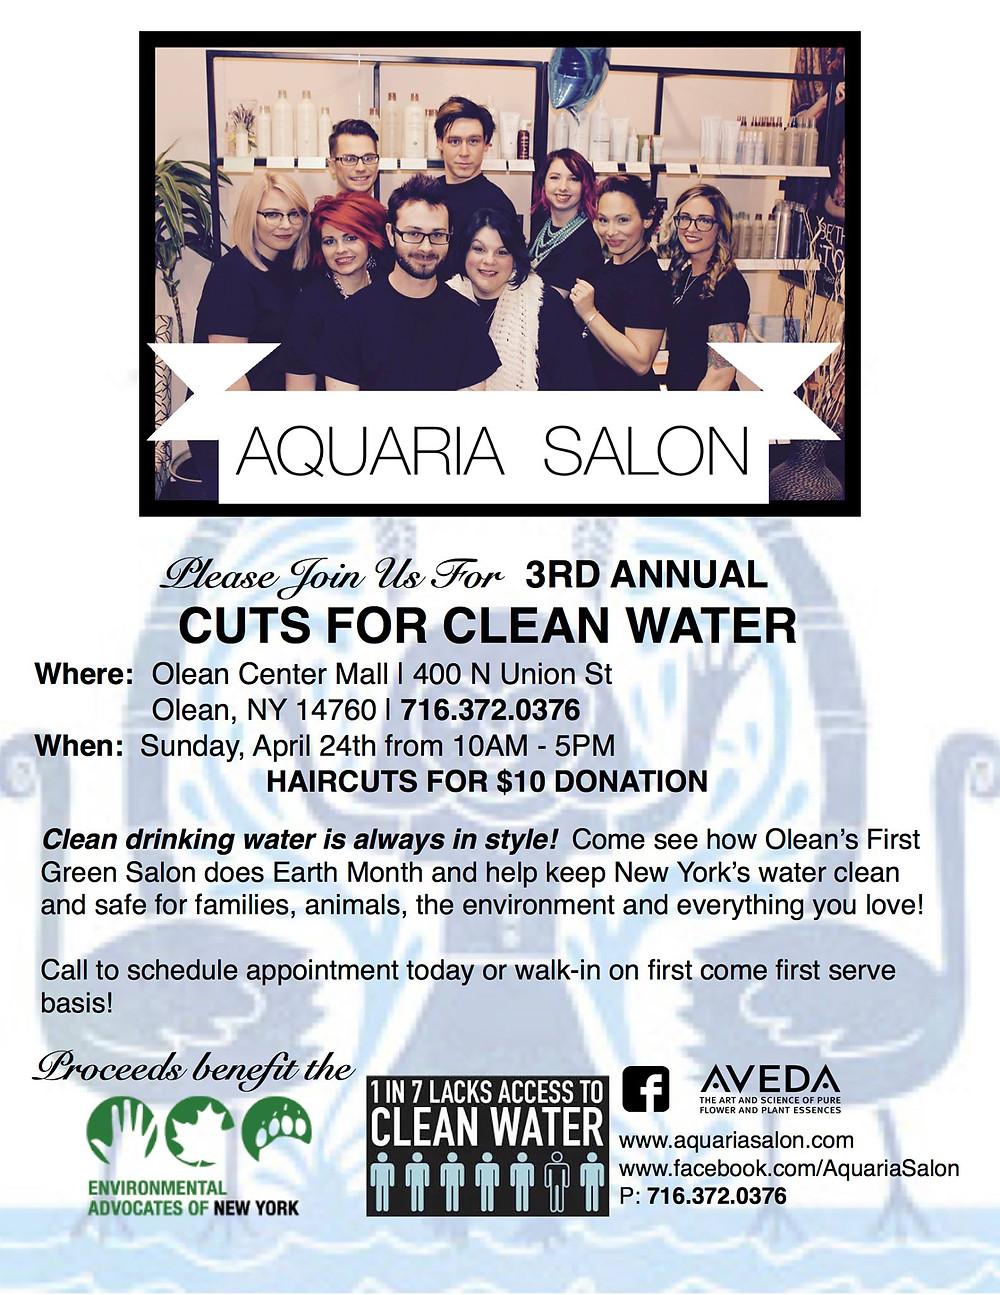 Aquaria Salon 2016 Cut-A-Thon